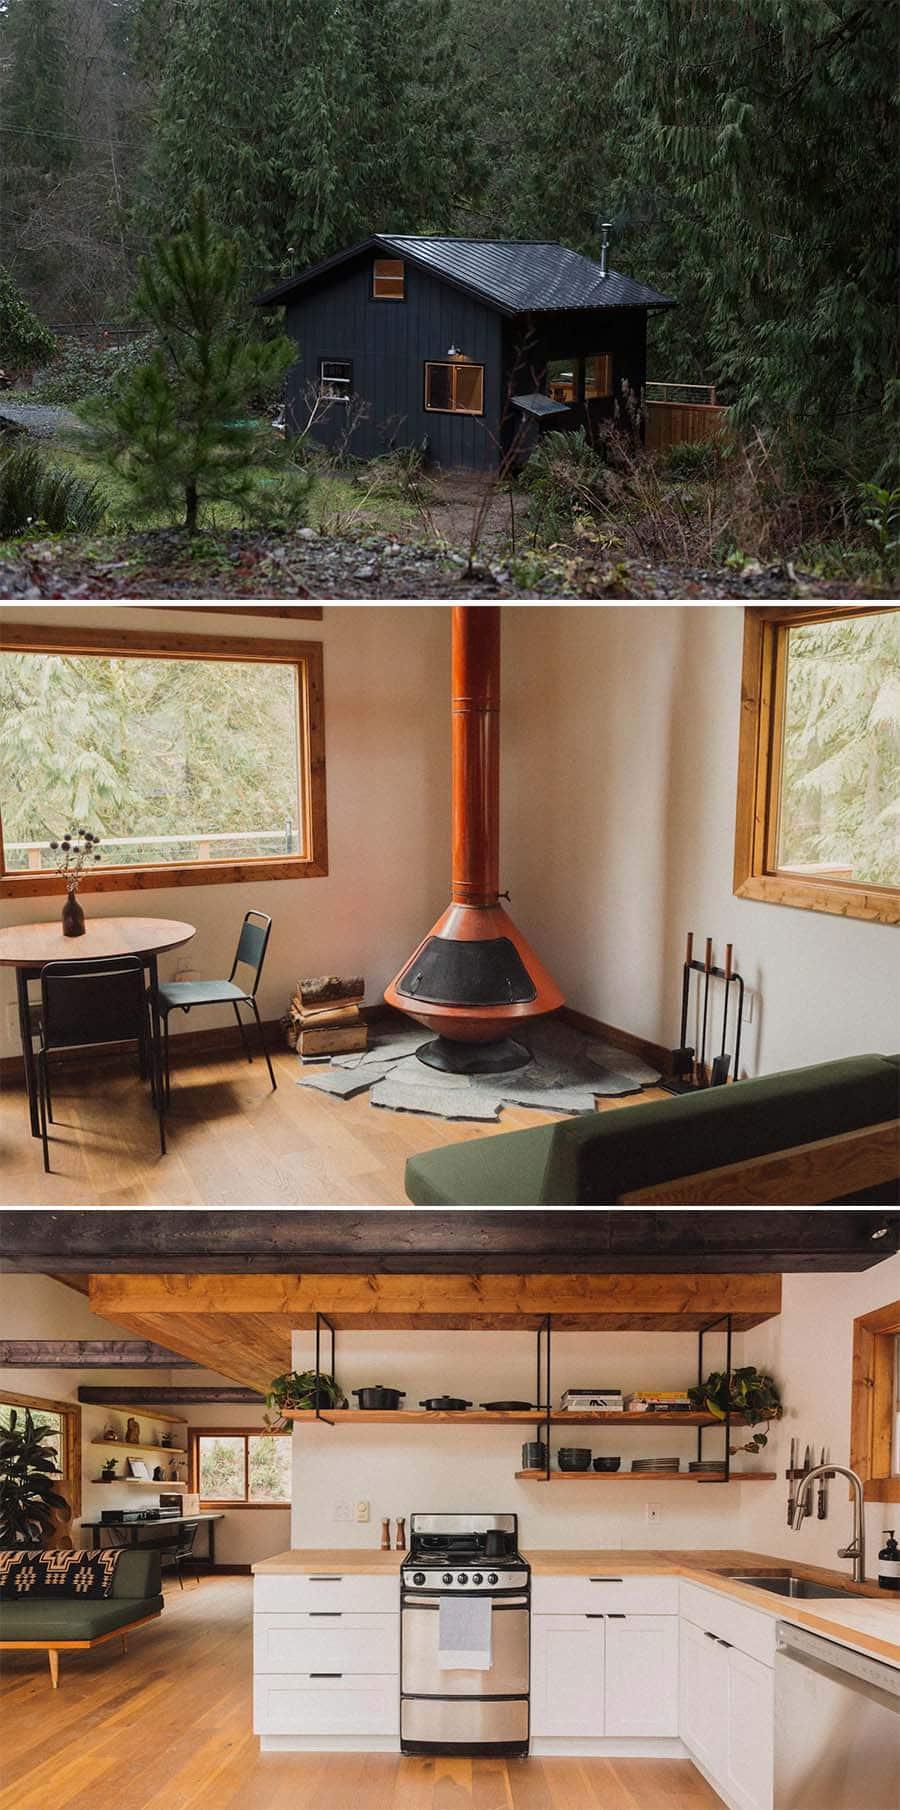 Canyon Creek cabin 2